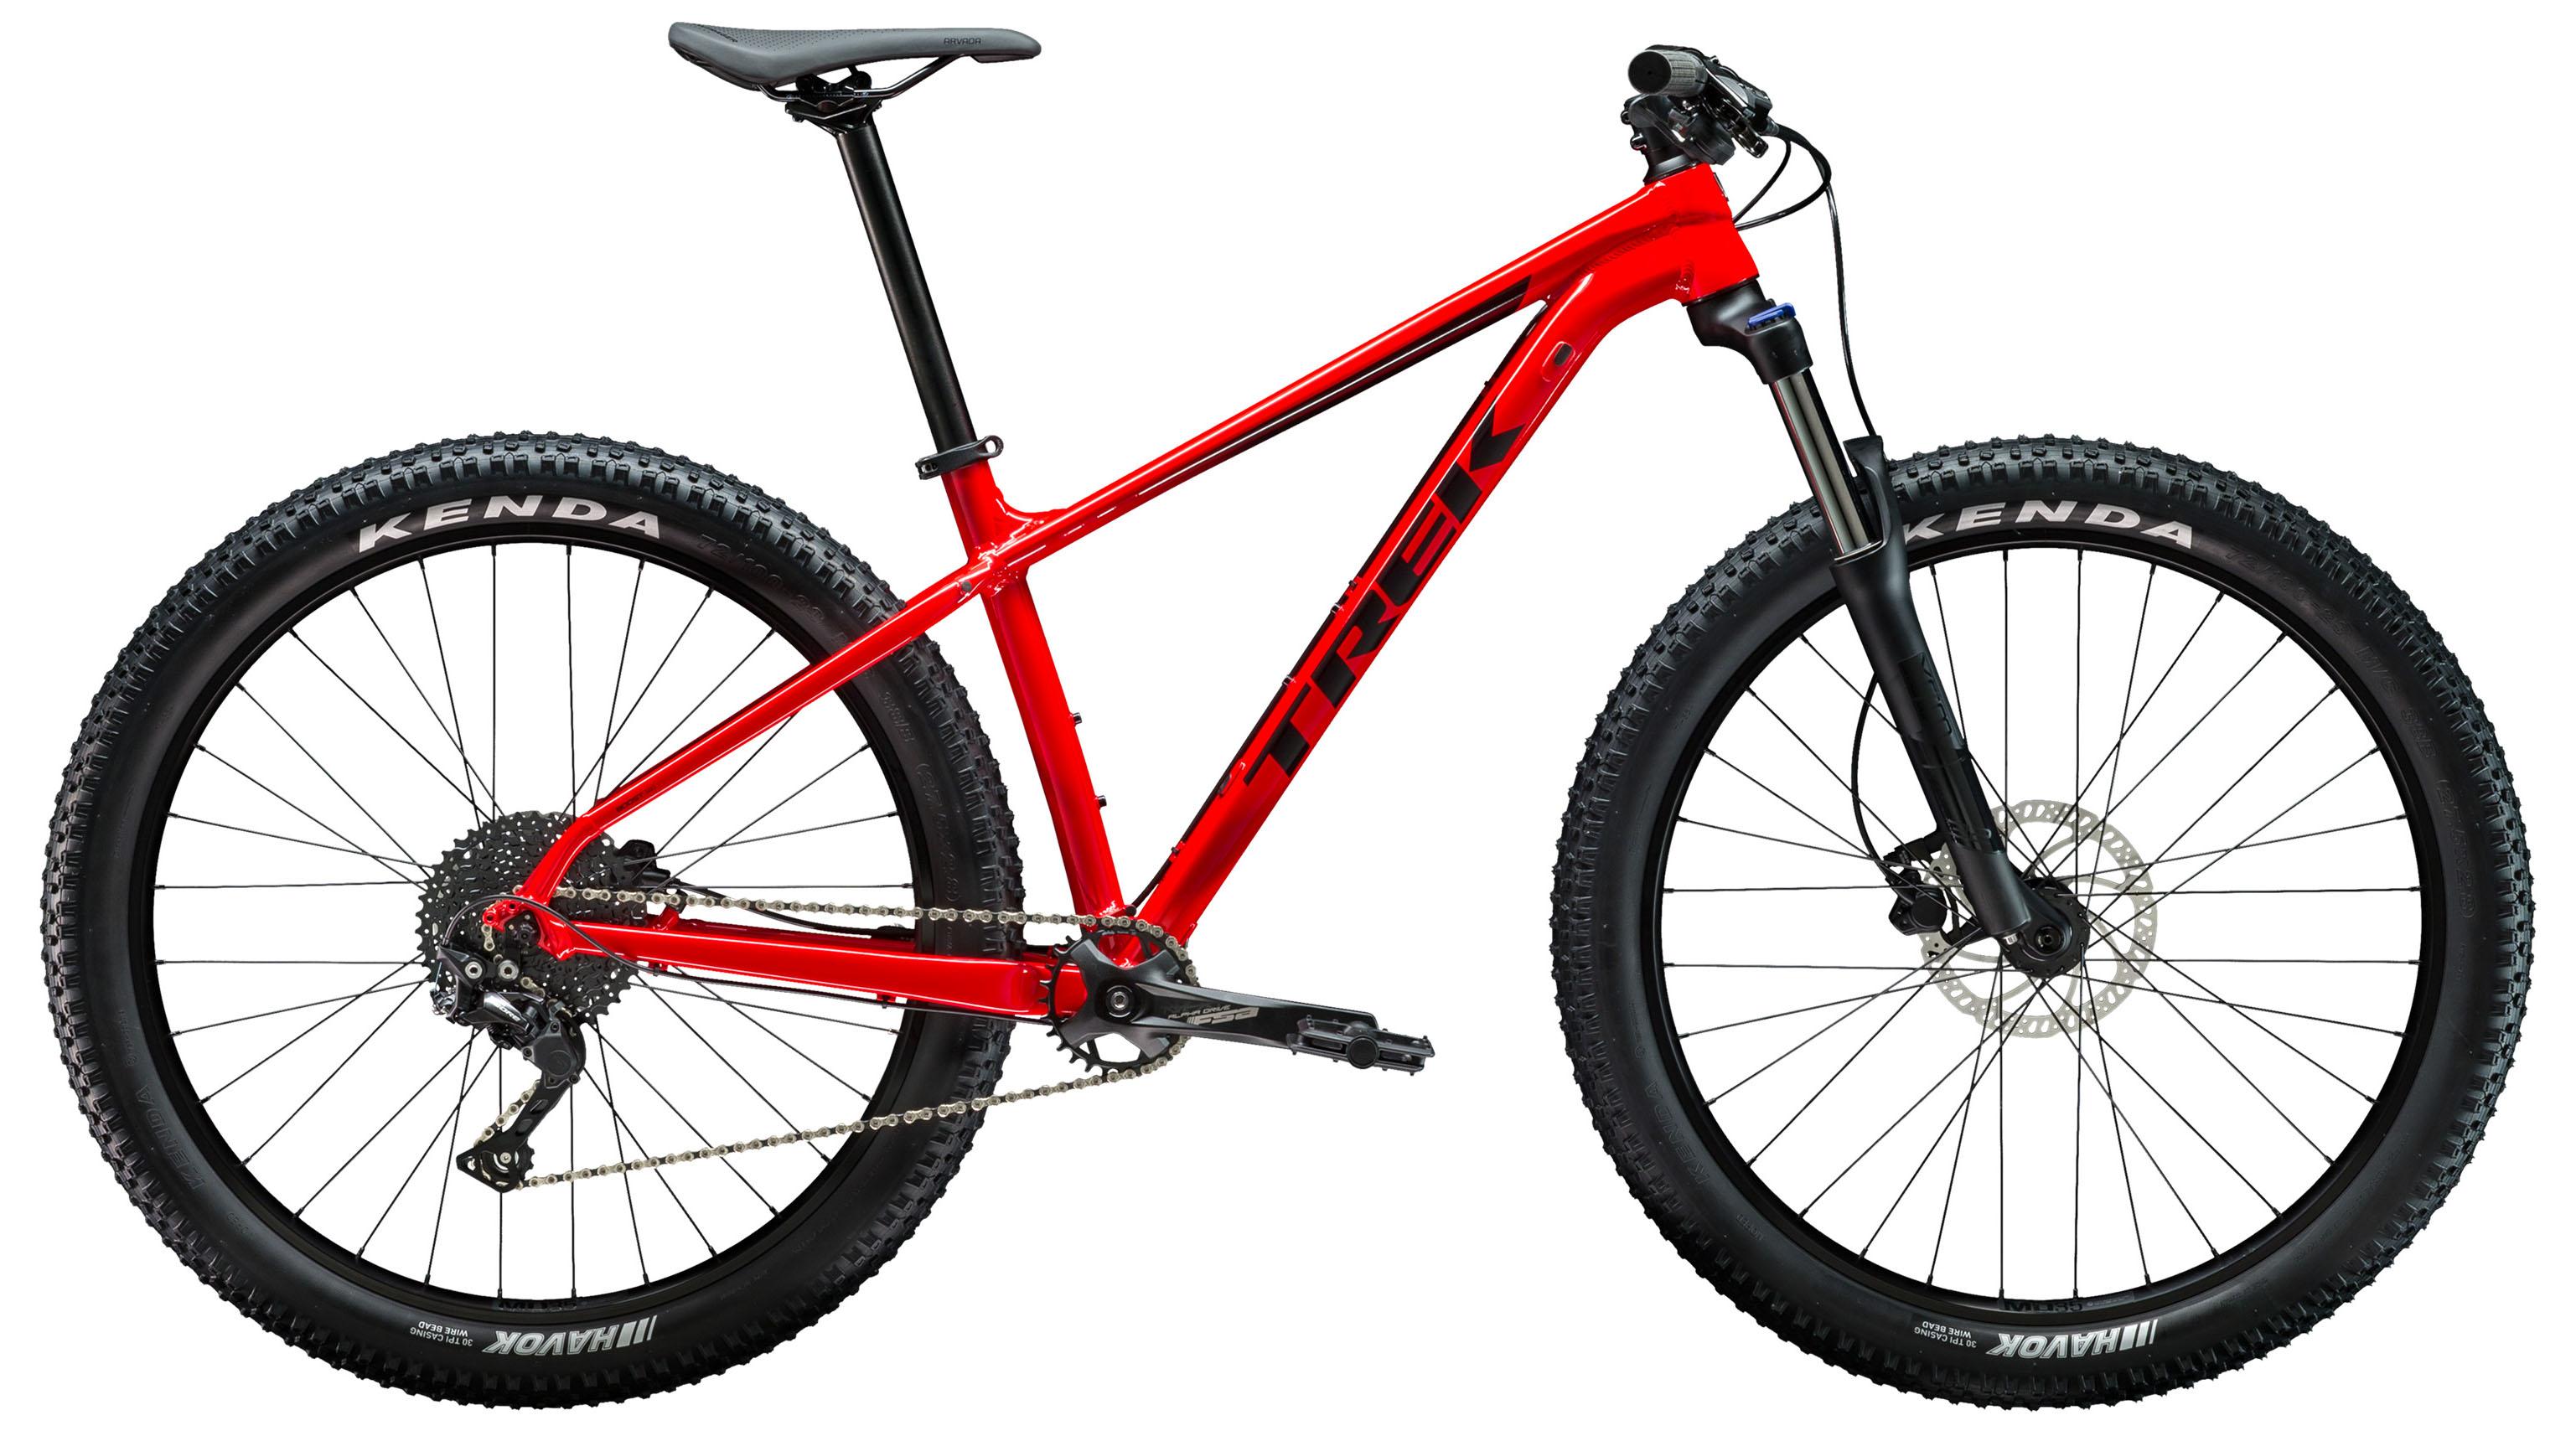 Велосипед Trek Roscoe 6 27.5 2019 велосипед trek superfly 6 women's 27 5 2016